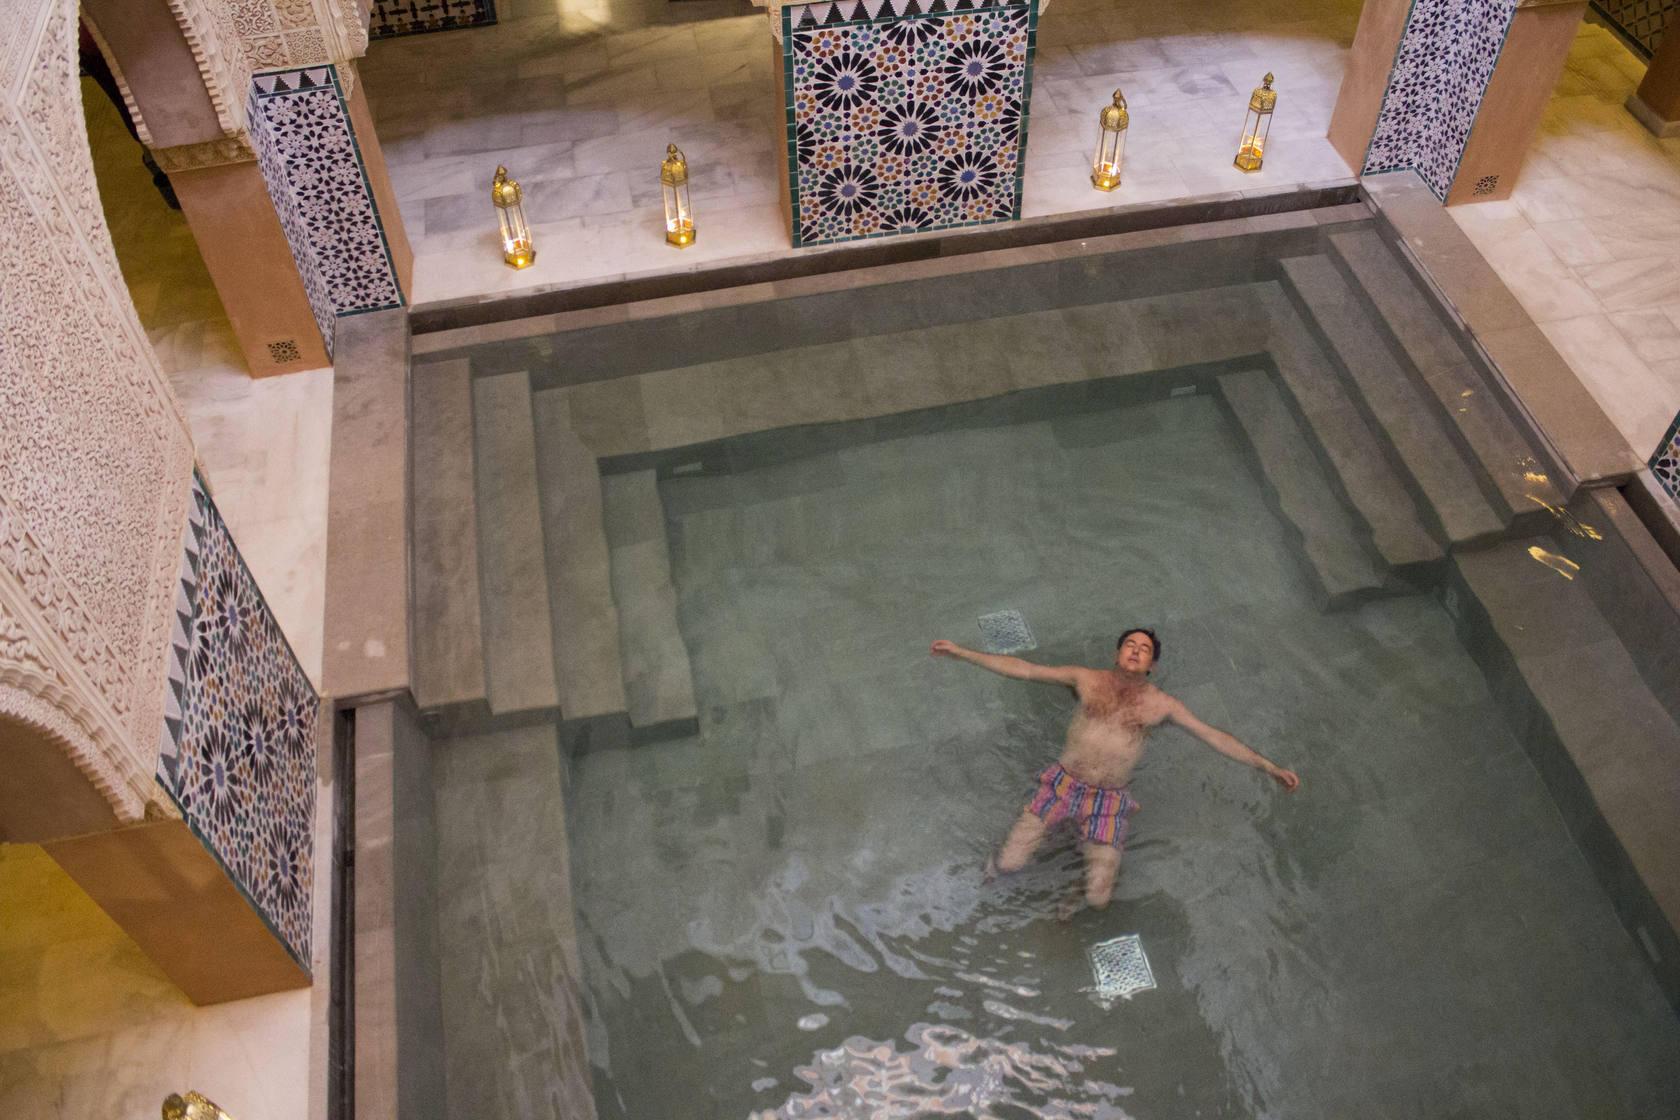 Baño Arabe En Toledo:Imágenes de los nuevos baños árabes de Málaga, junto a los